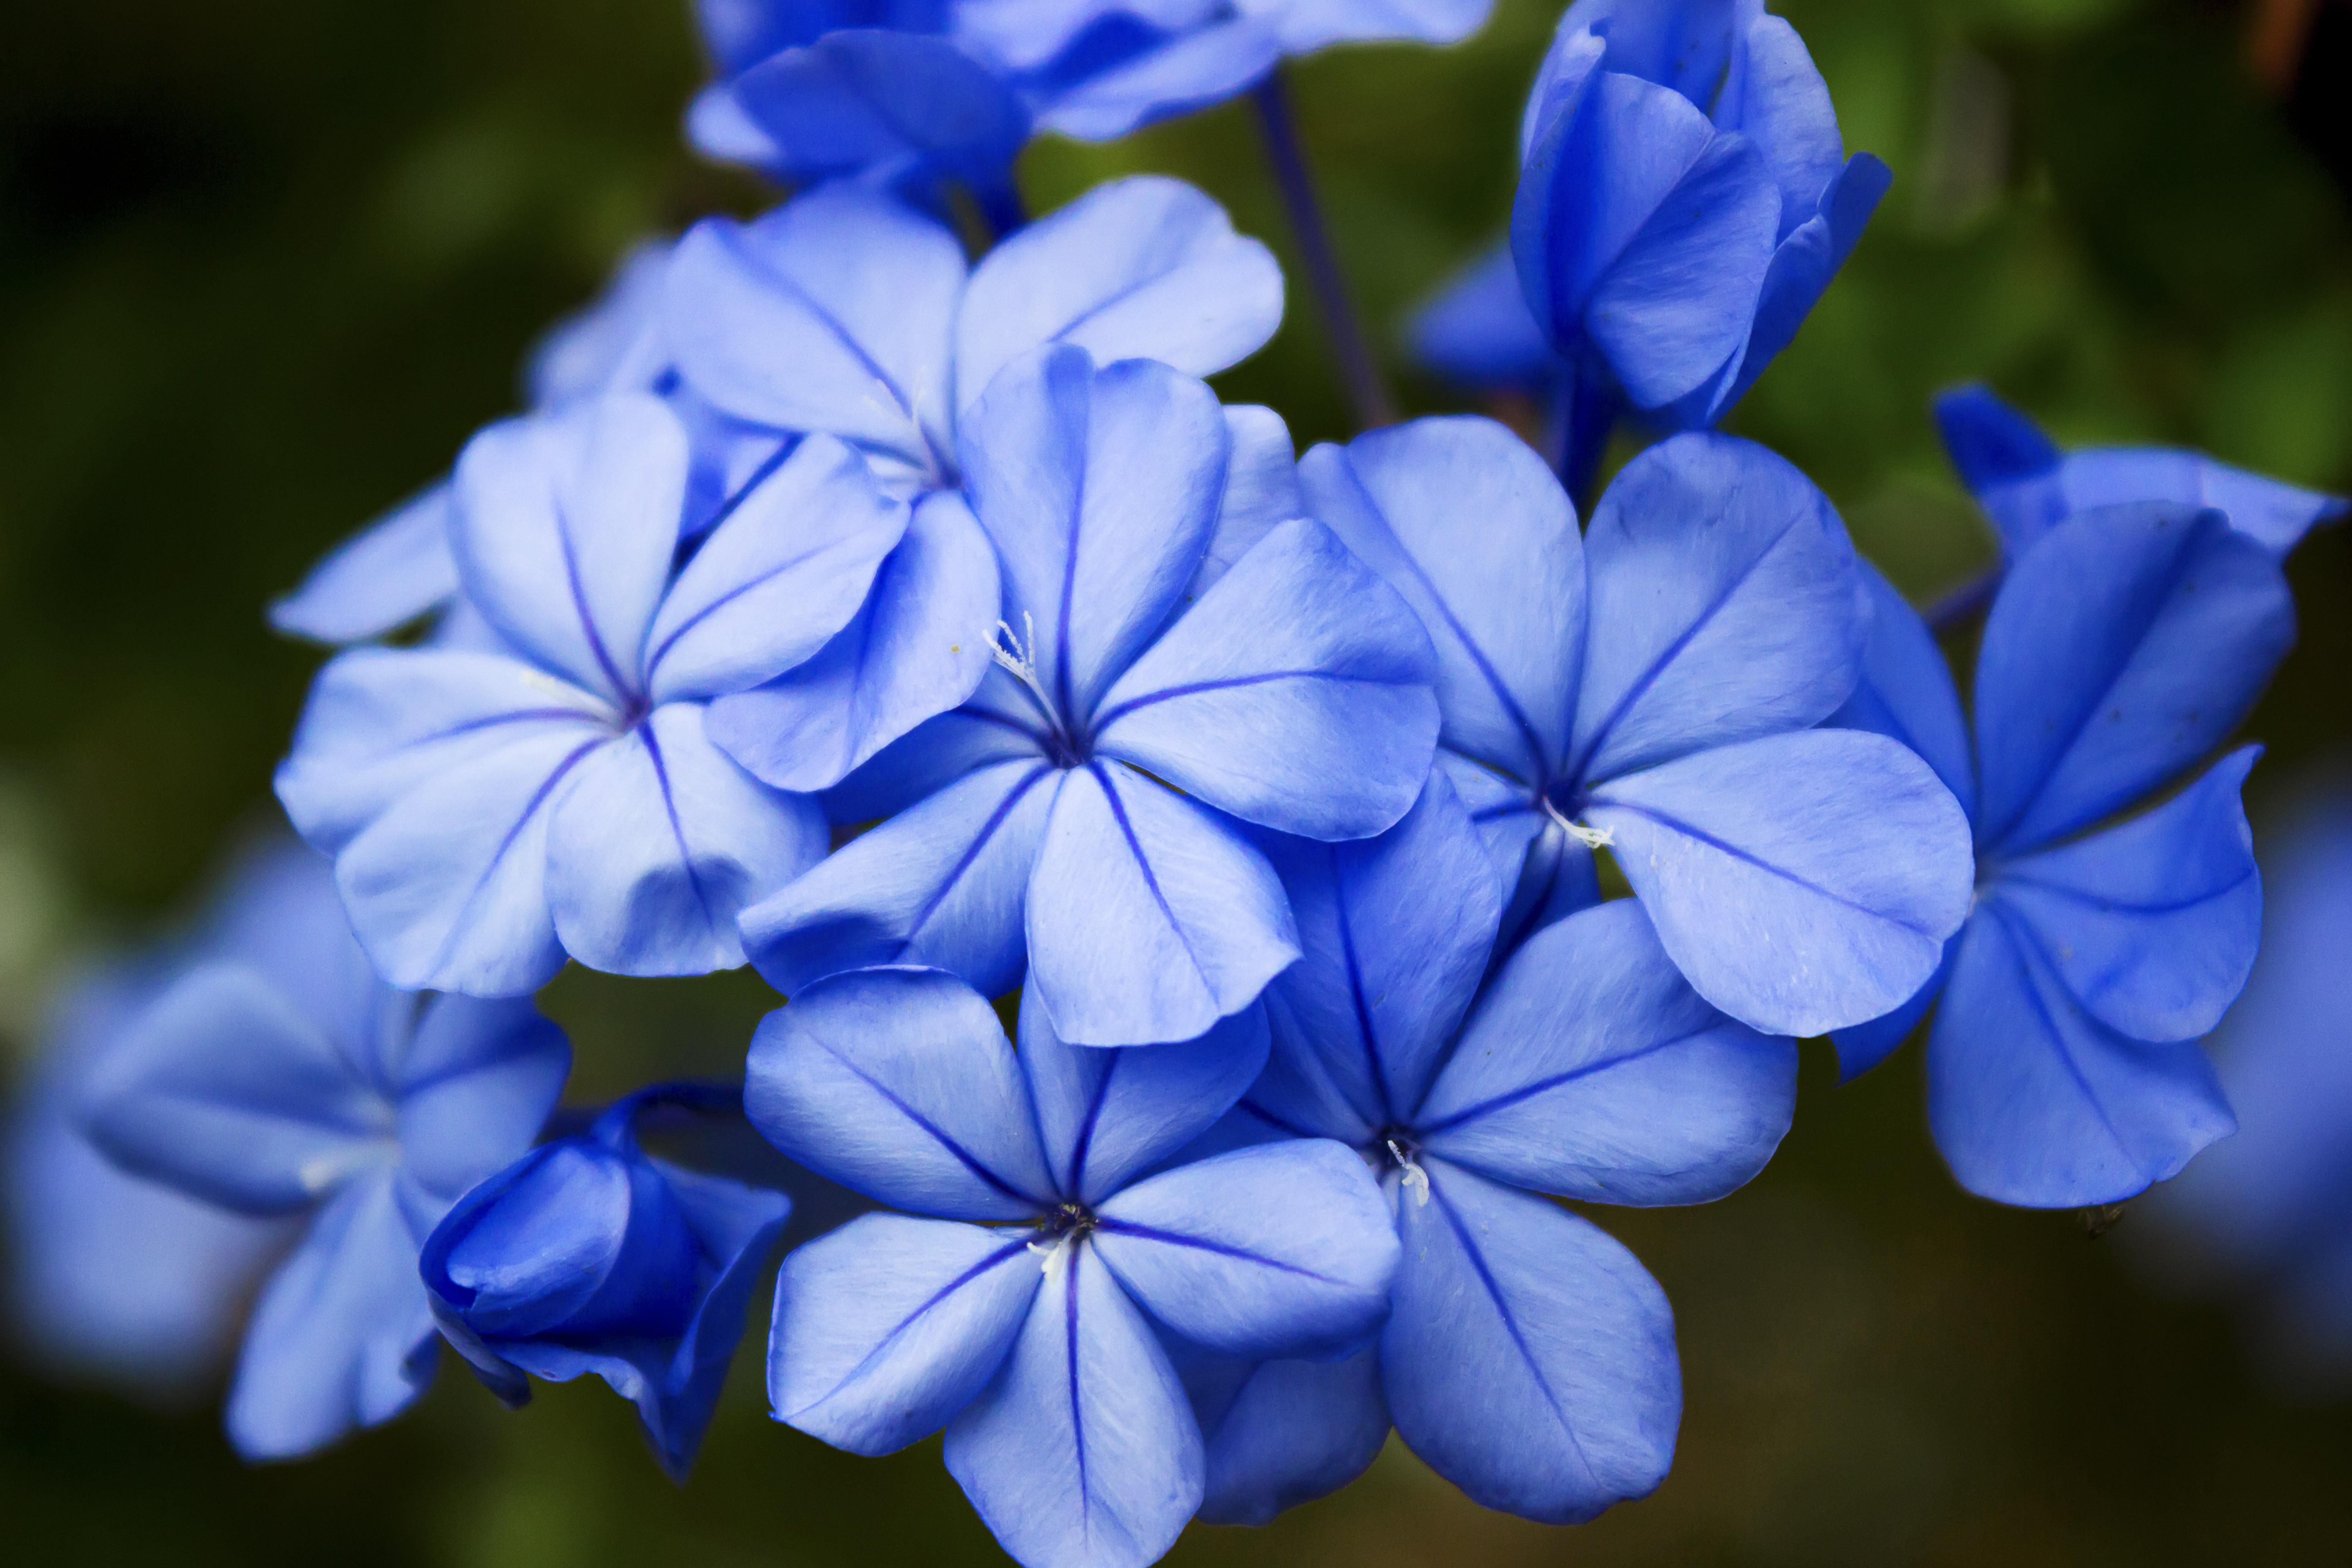 蓝漠的花阿紫图片